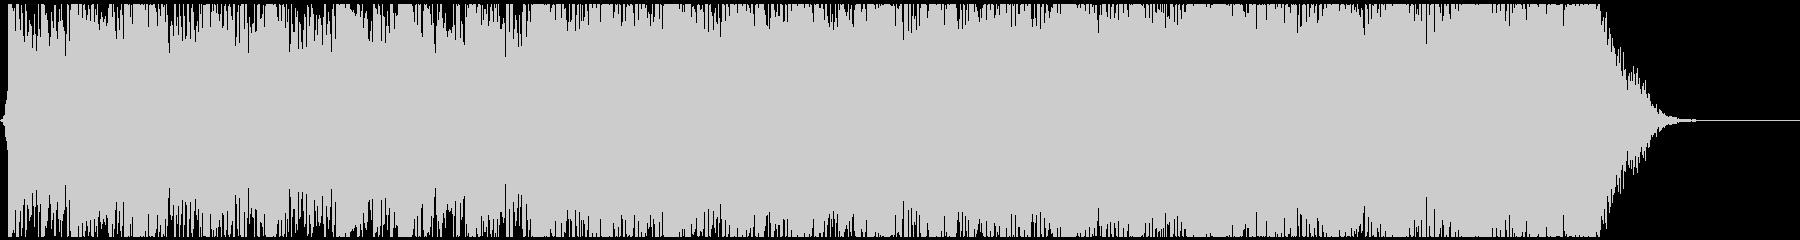 Charange IIIの未再生の波形